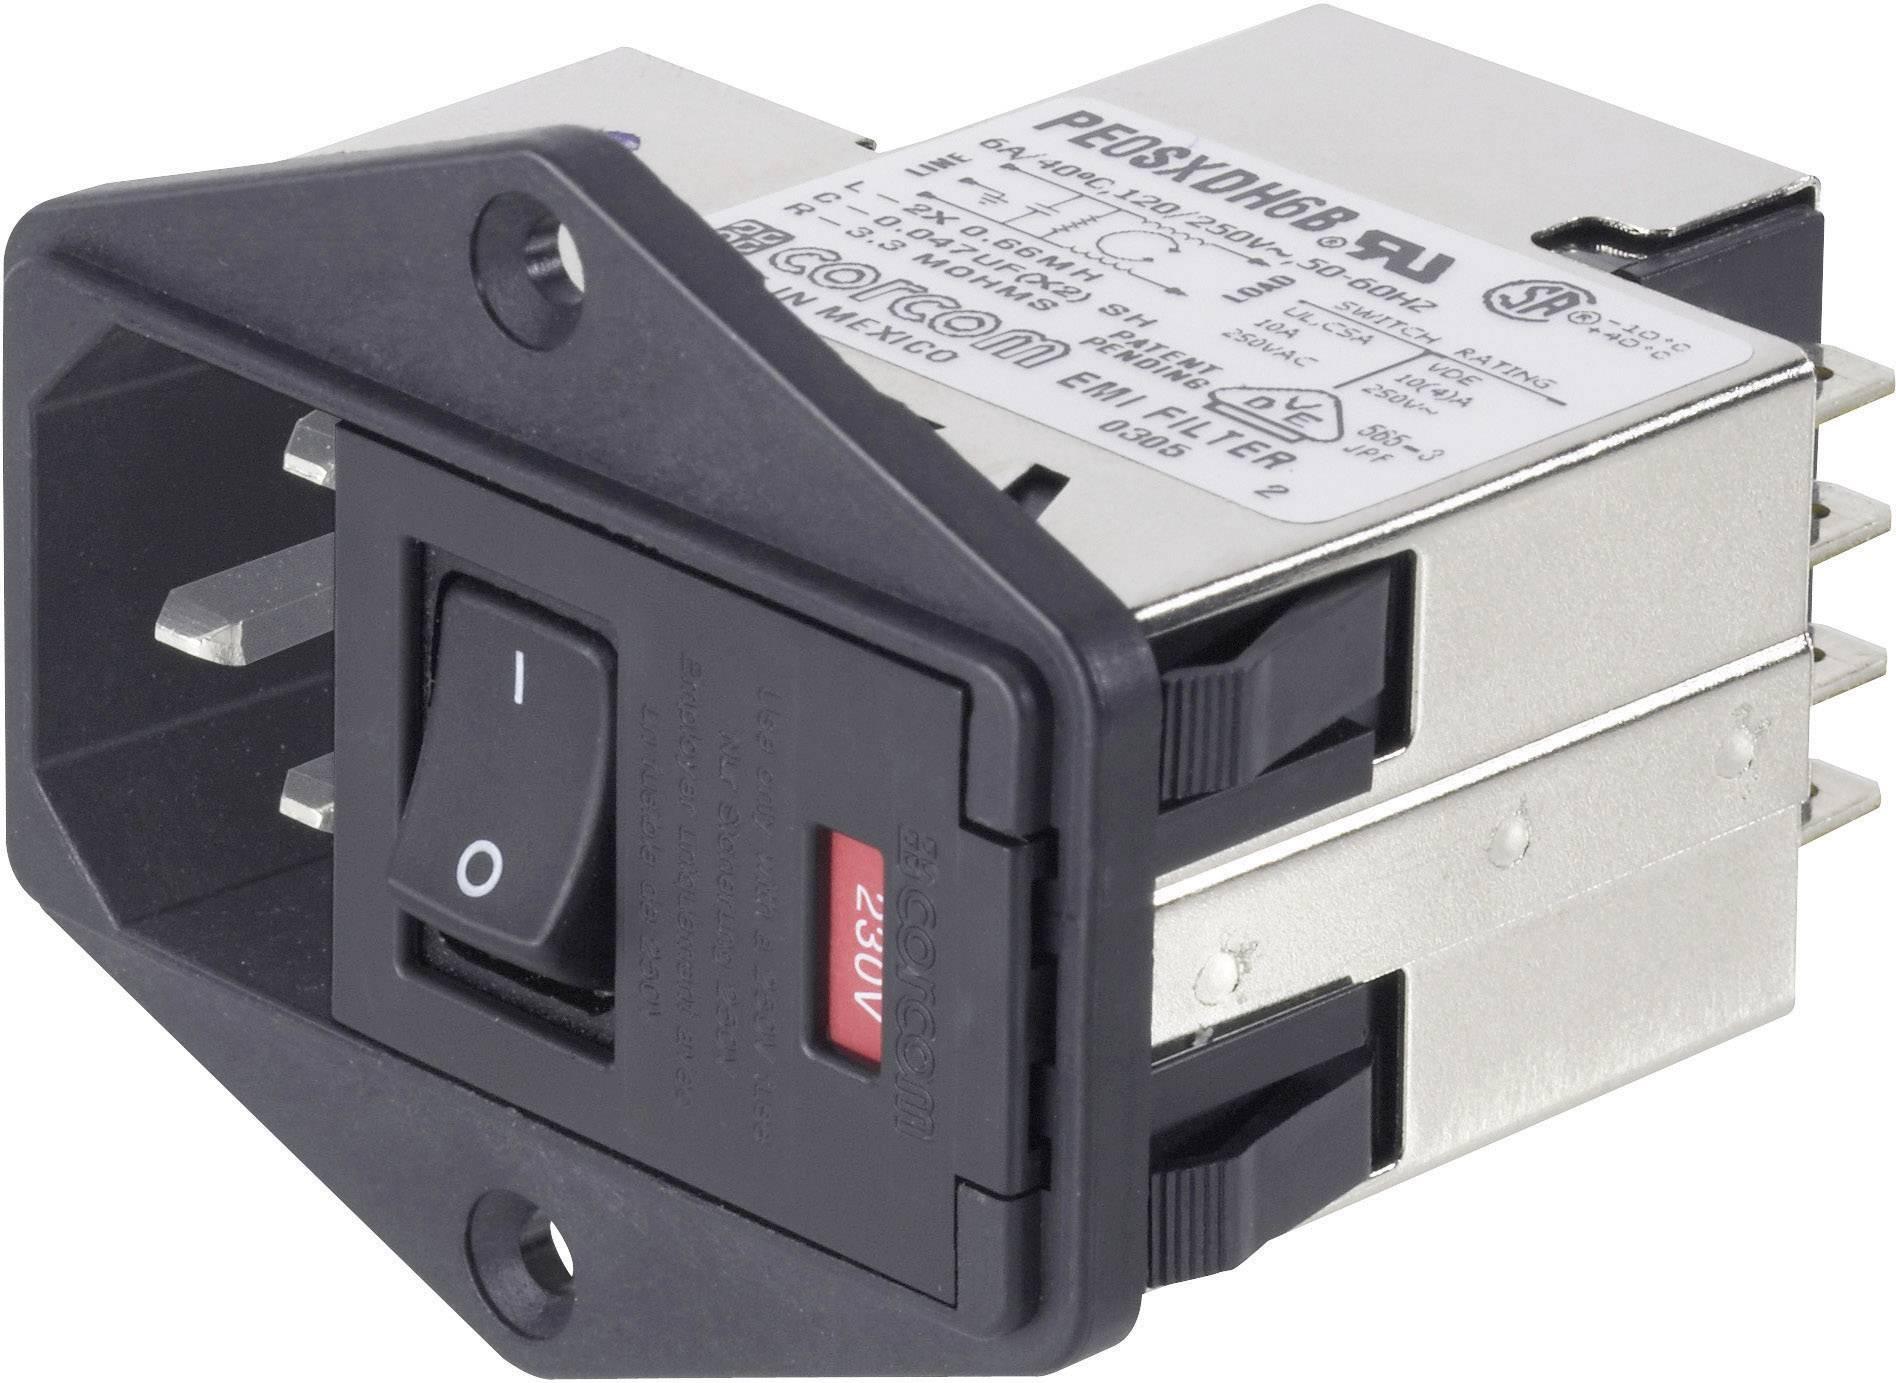 Sieťový filter TE Connectivity PE000DS6A=C2397 8-6609930-3, s dvoma poistkami, s IEC zásuvkou, 250 V/AC, 6 A, 1 ks